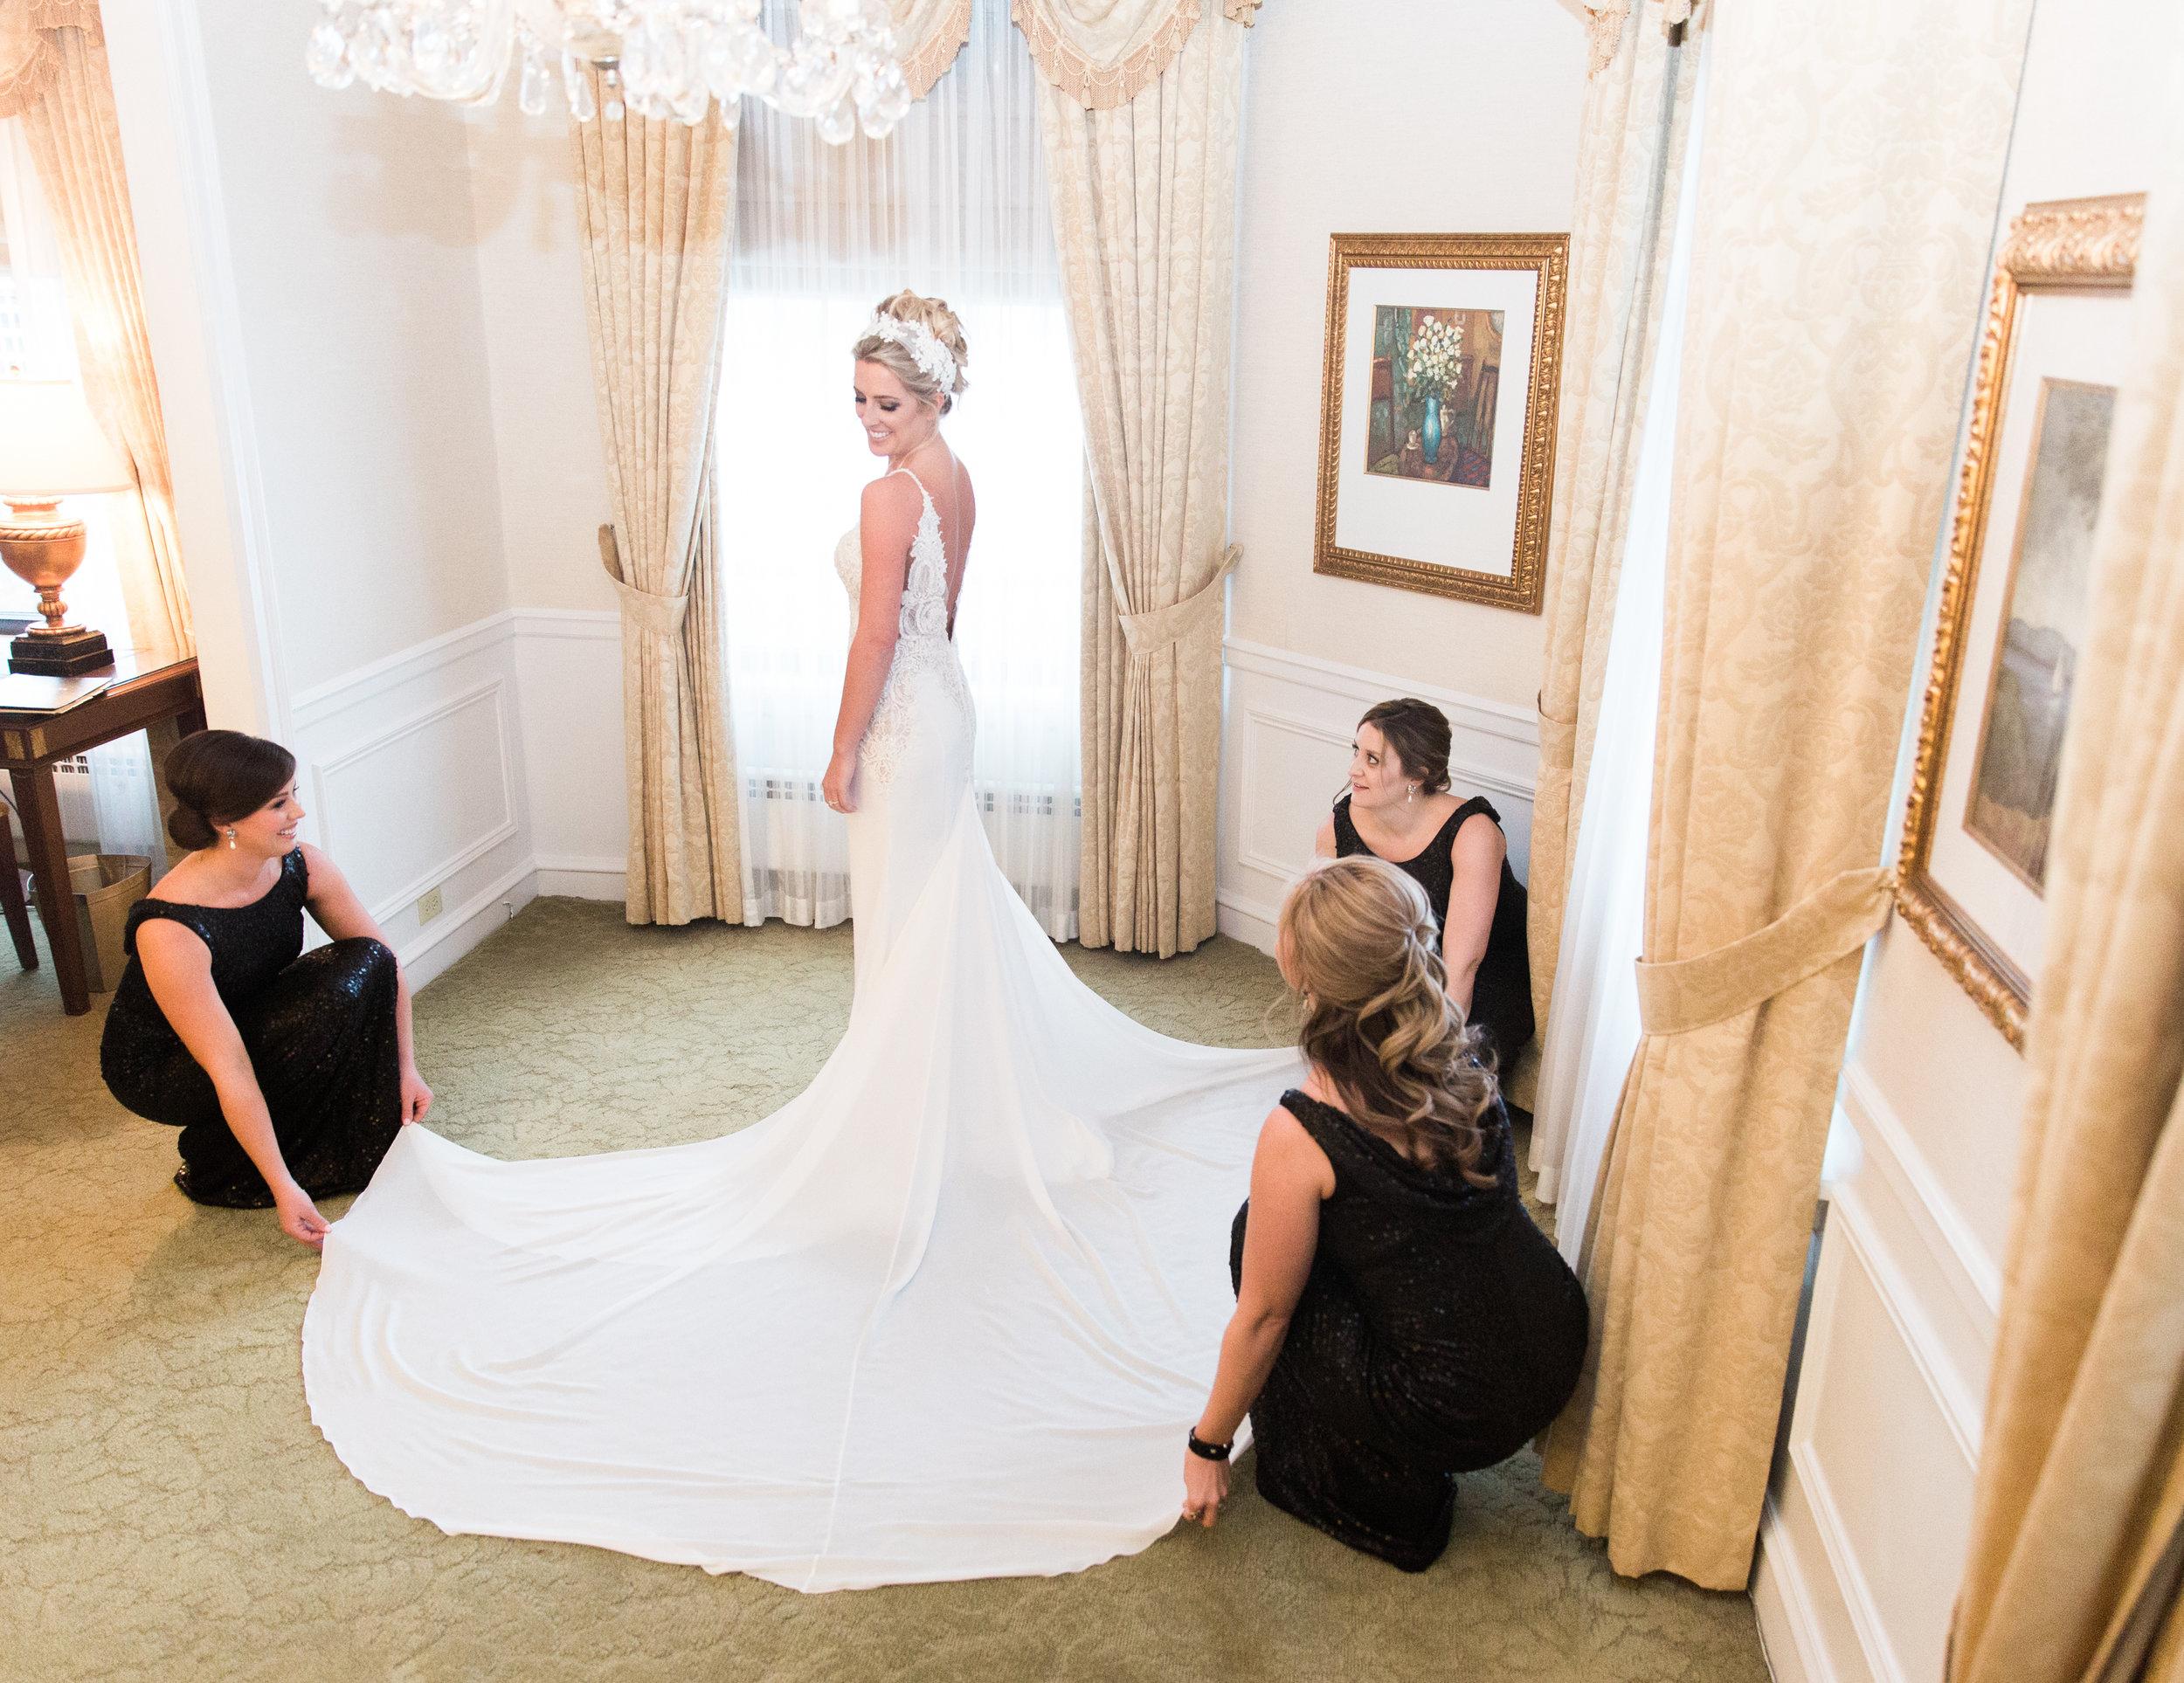 Bonphotage Wedding Photography - Drake Hotel